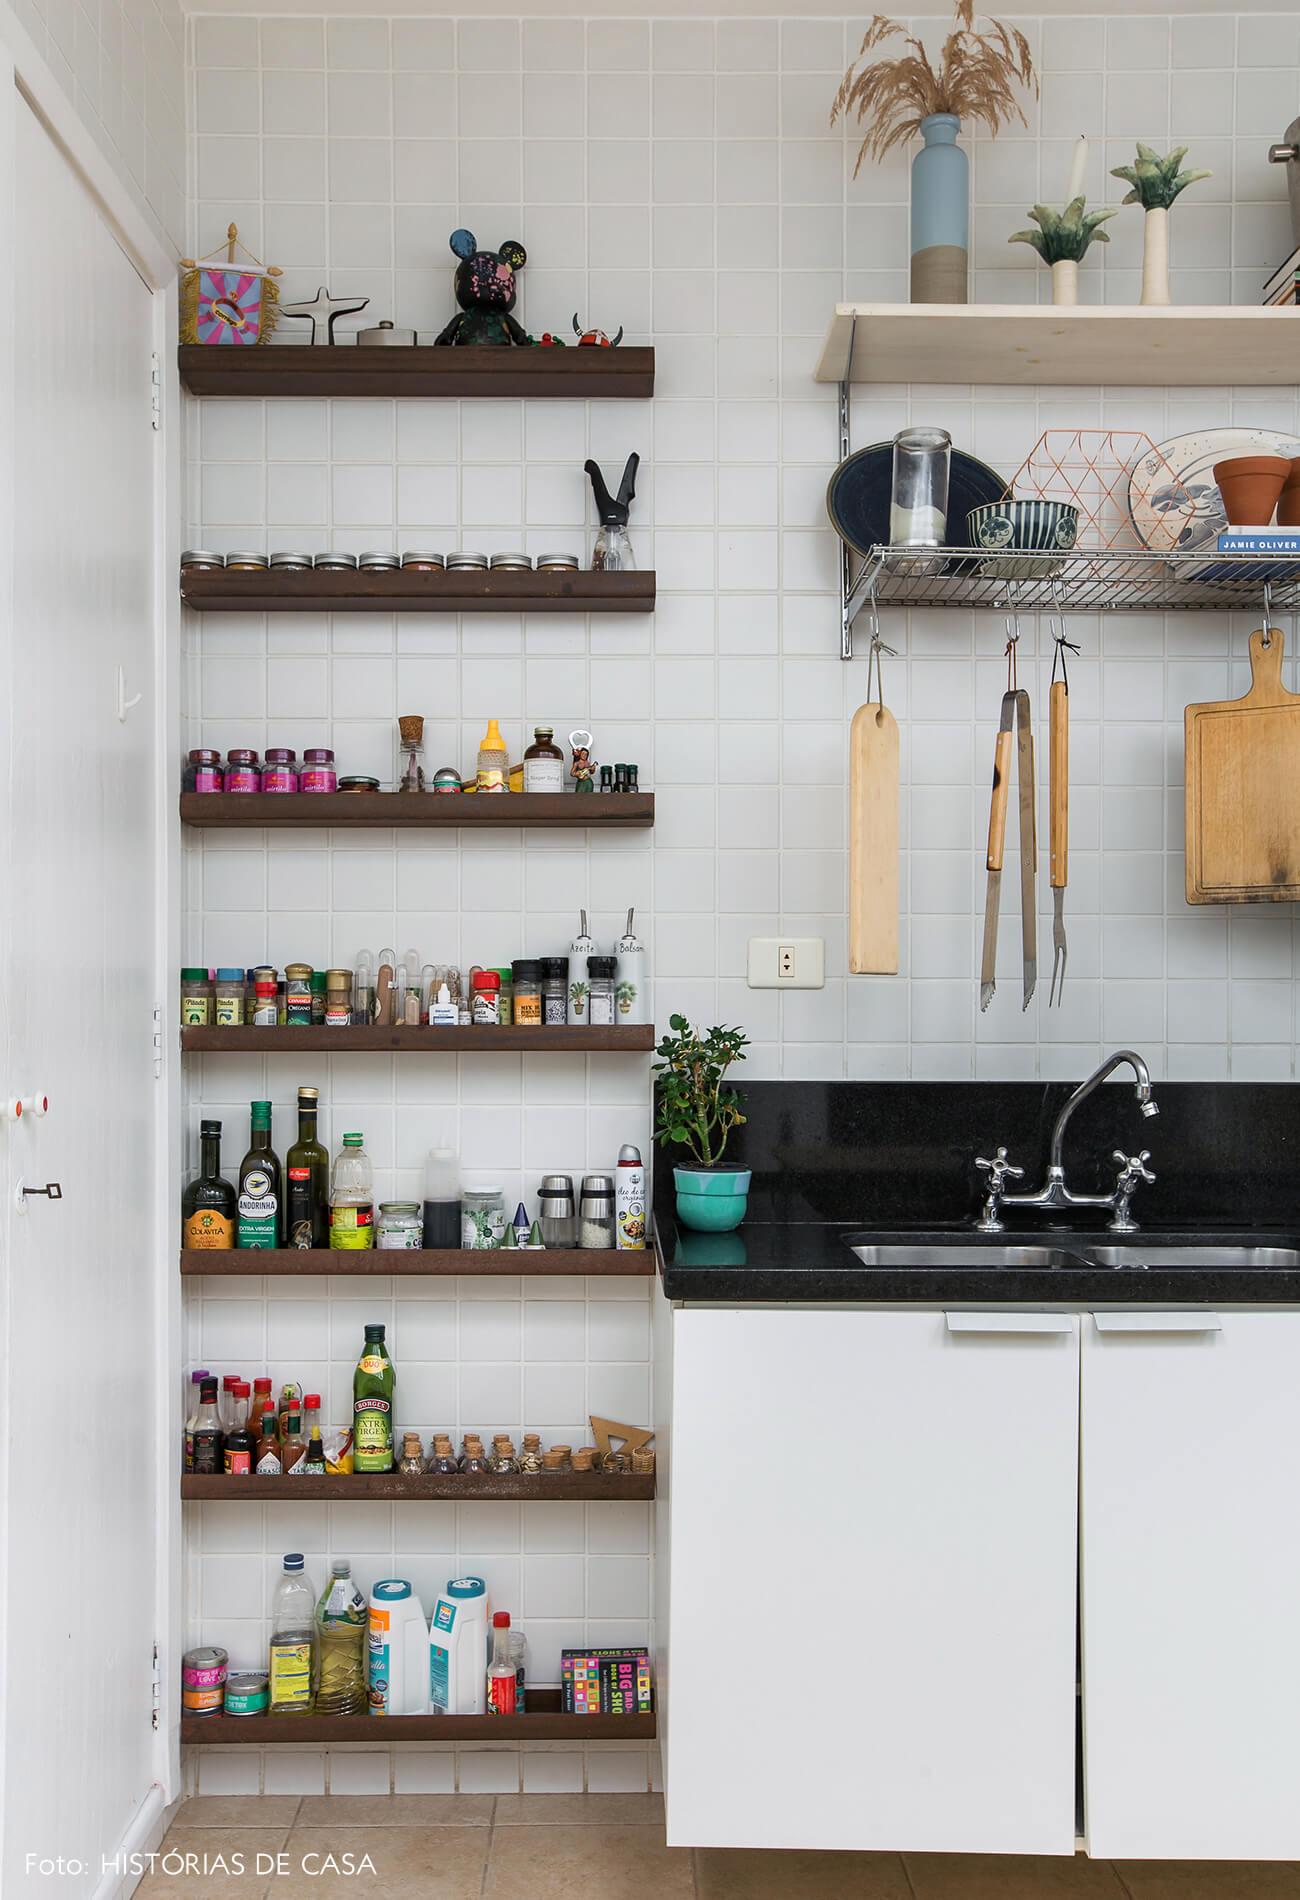 Cozinha com azulejos simples e prateleira estreita para temperos